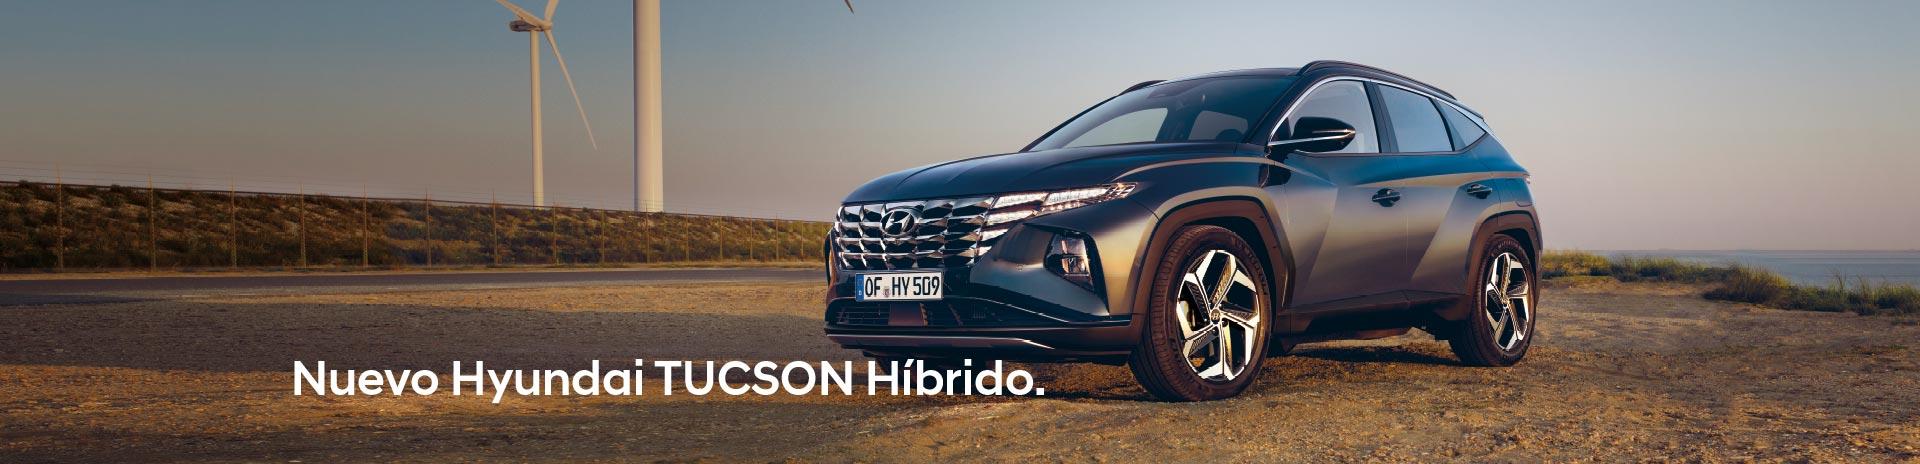 Cambio-web-Concesionario-Hyundai-Gasmovil-Tucsonfinal